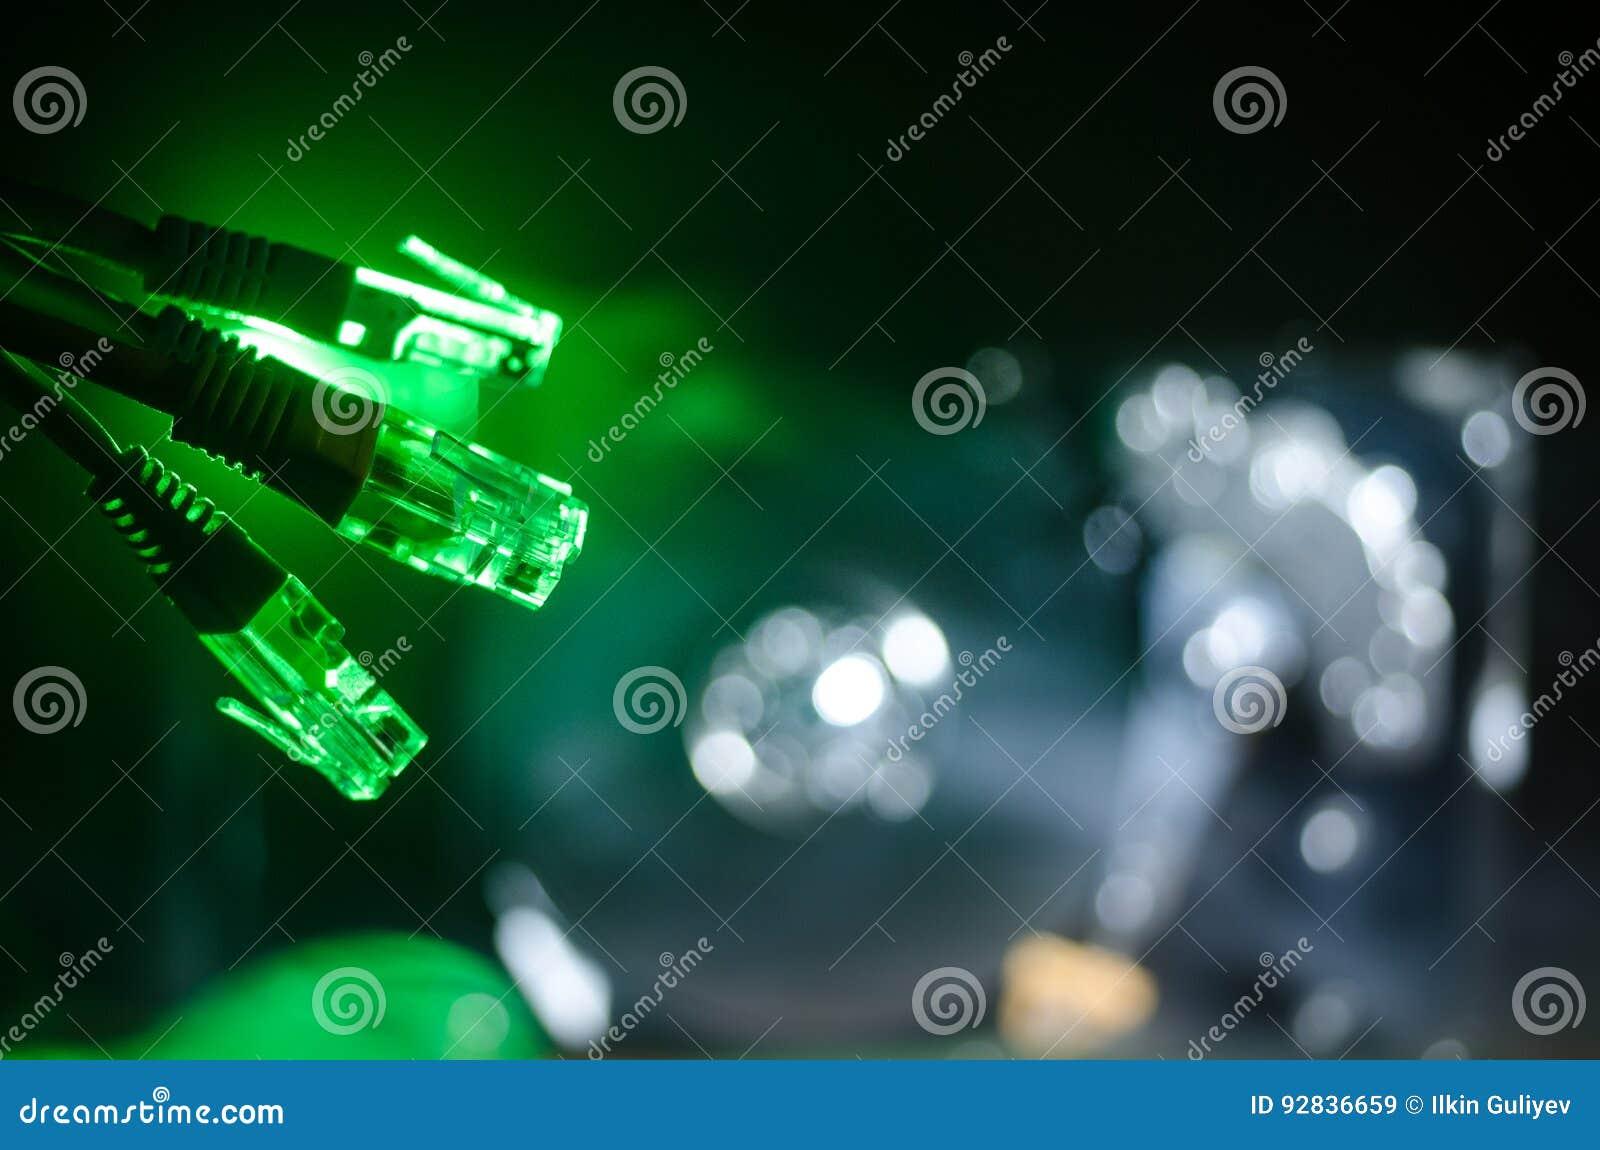 Wunderbar Offroad Lichter Verkabelung Bilder - Elektrische ...